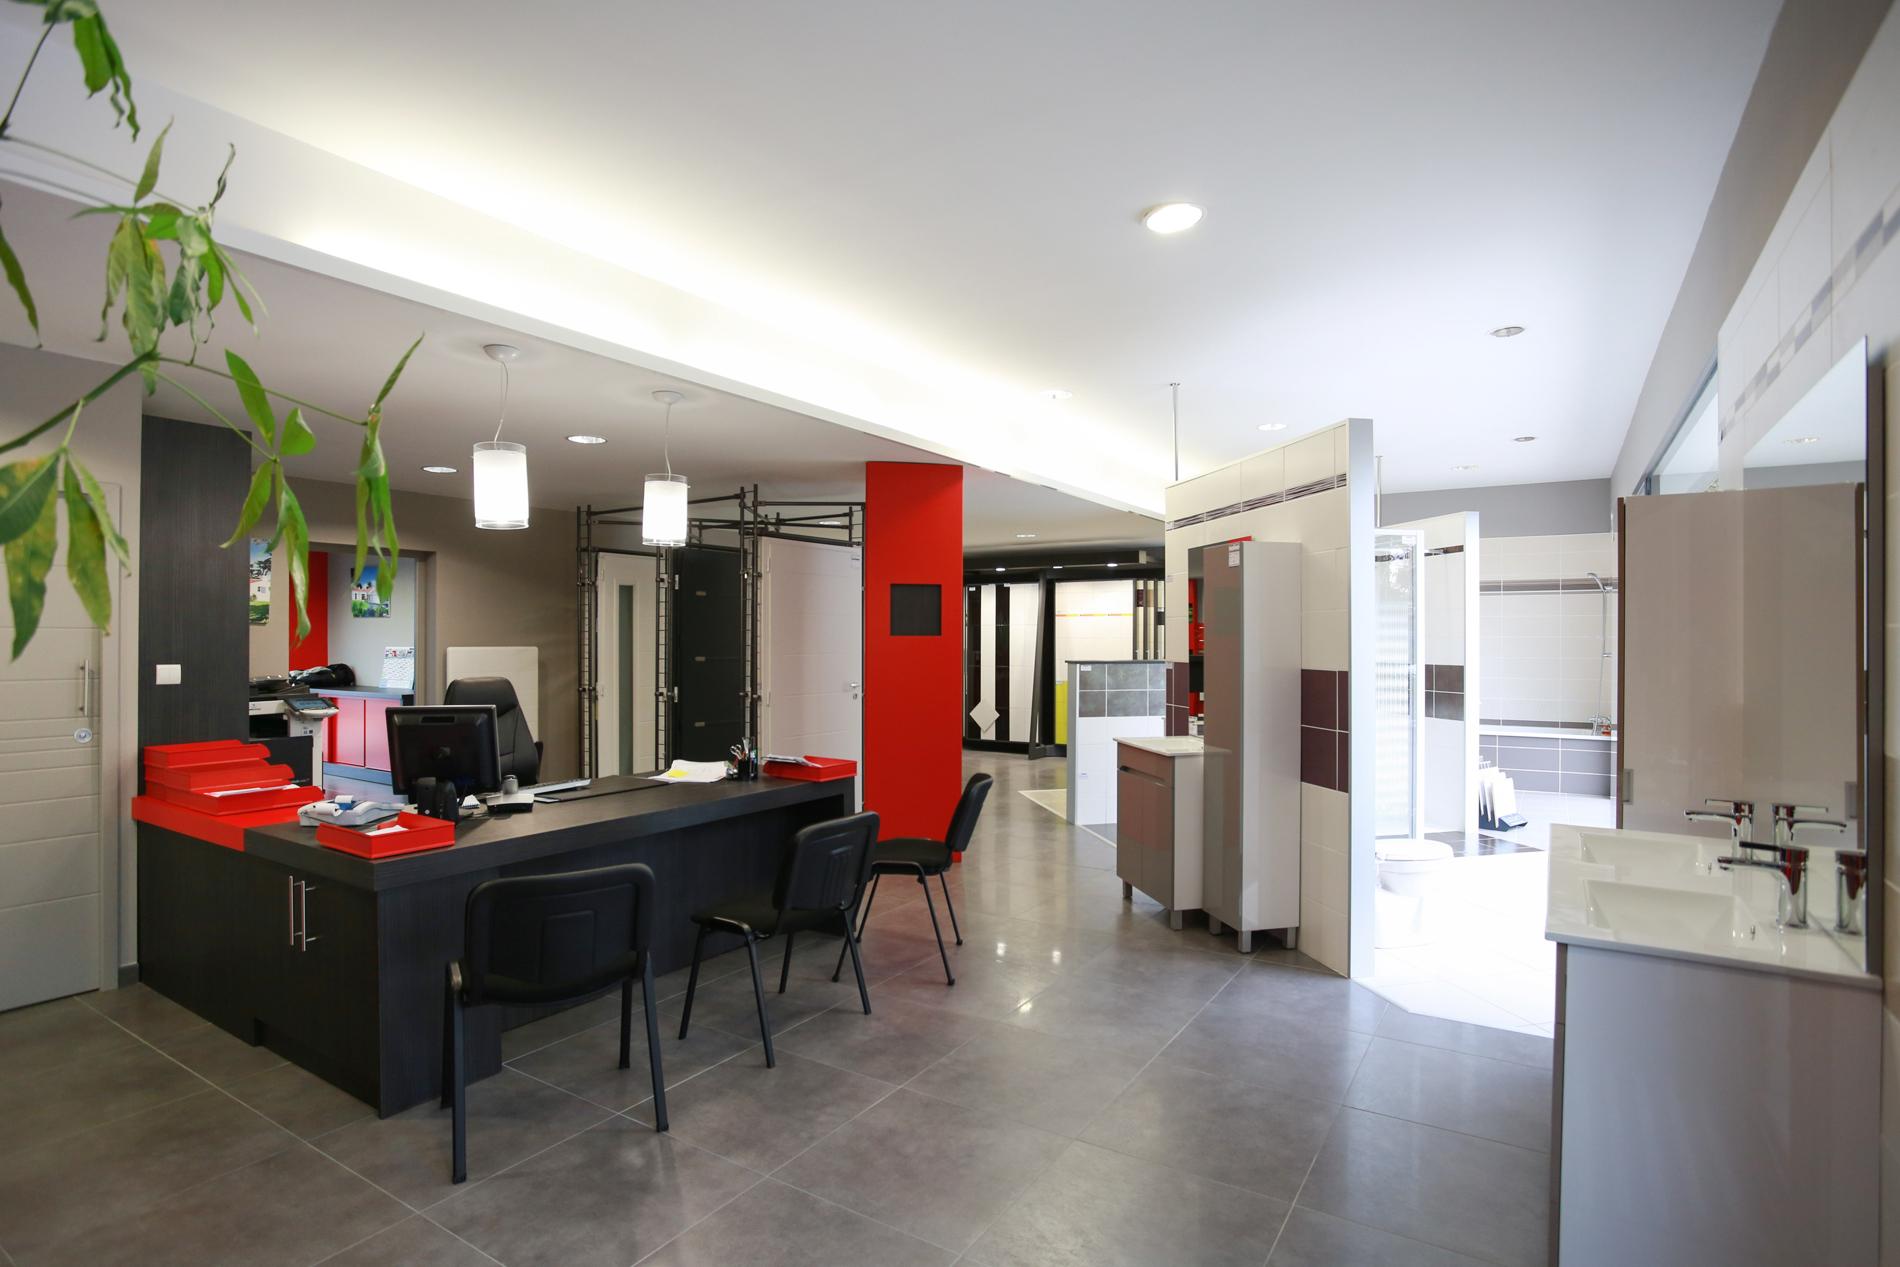 Decoration d interieur idee - maison parallele